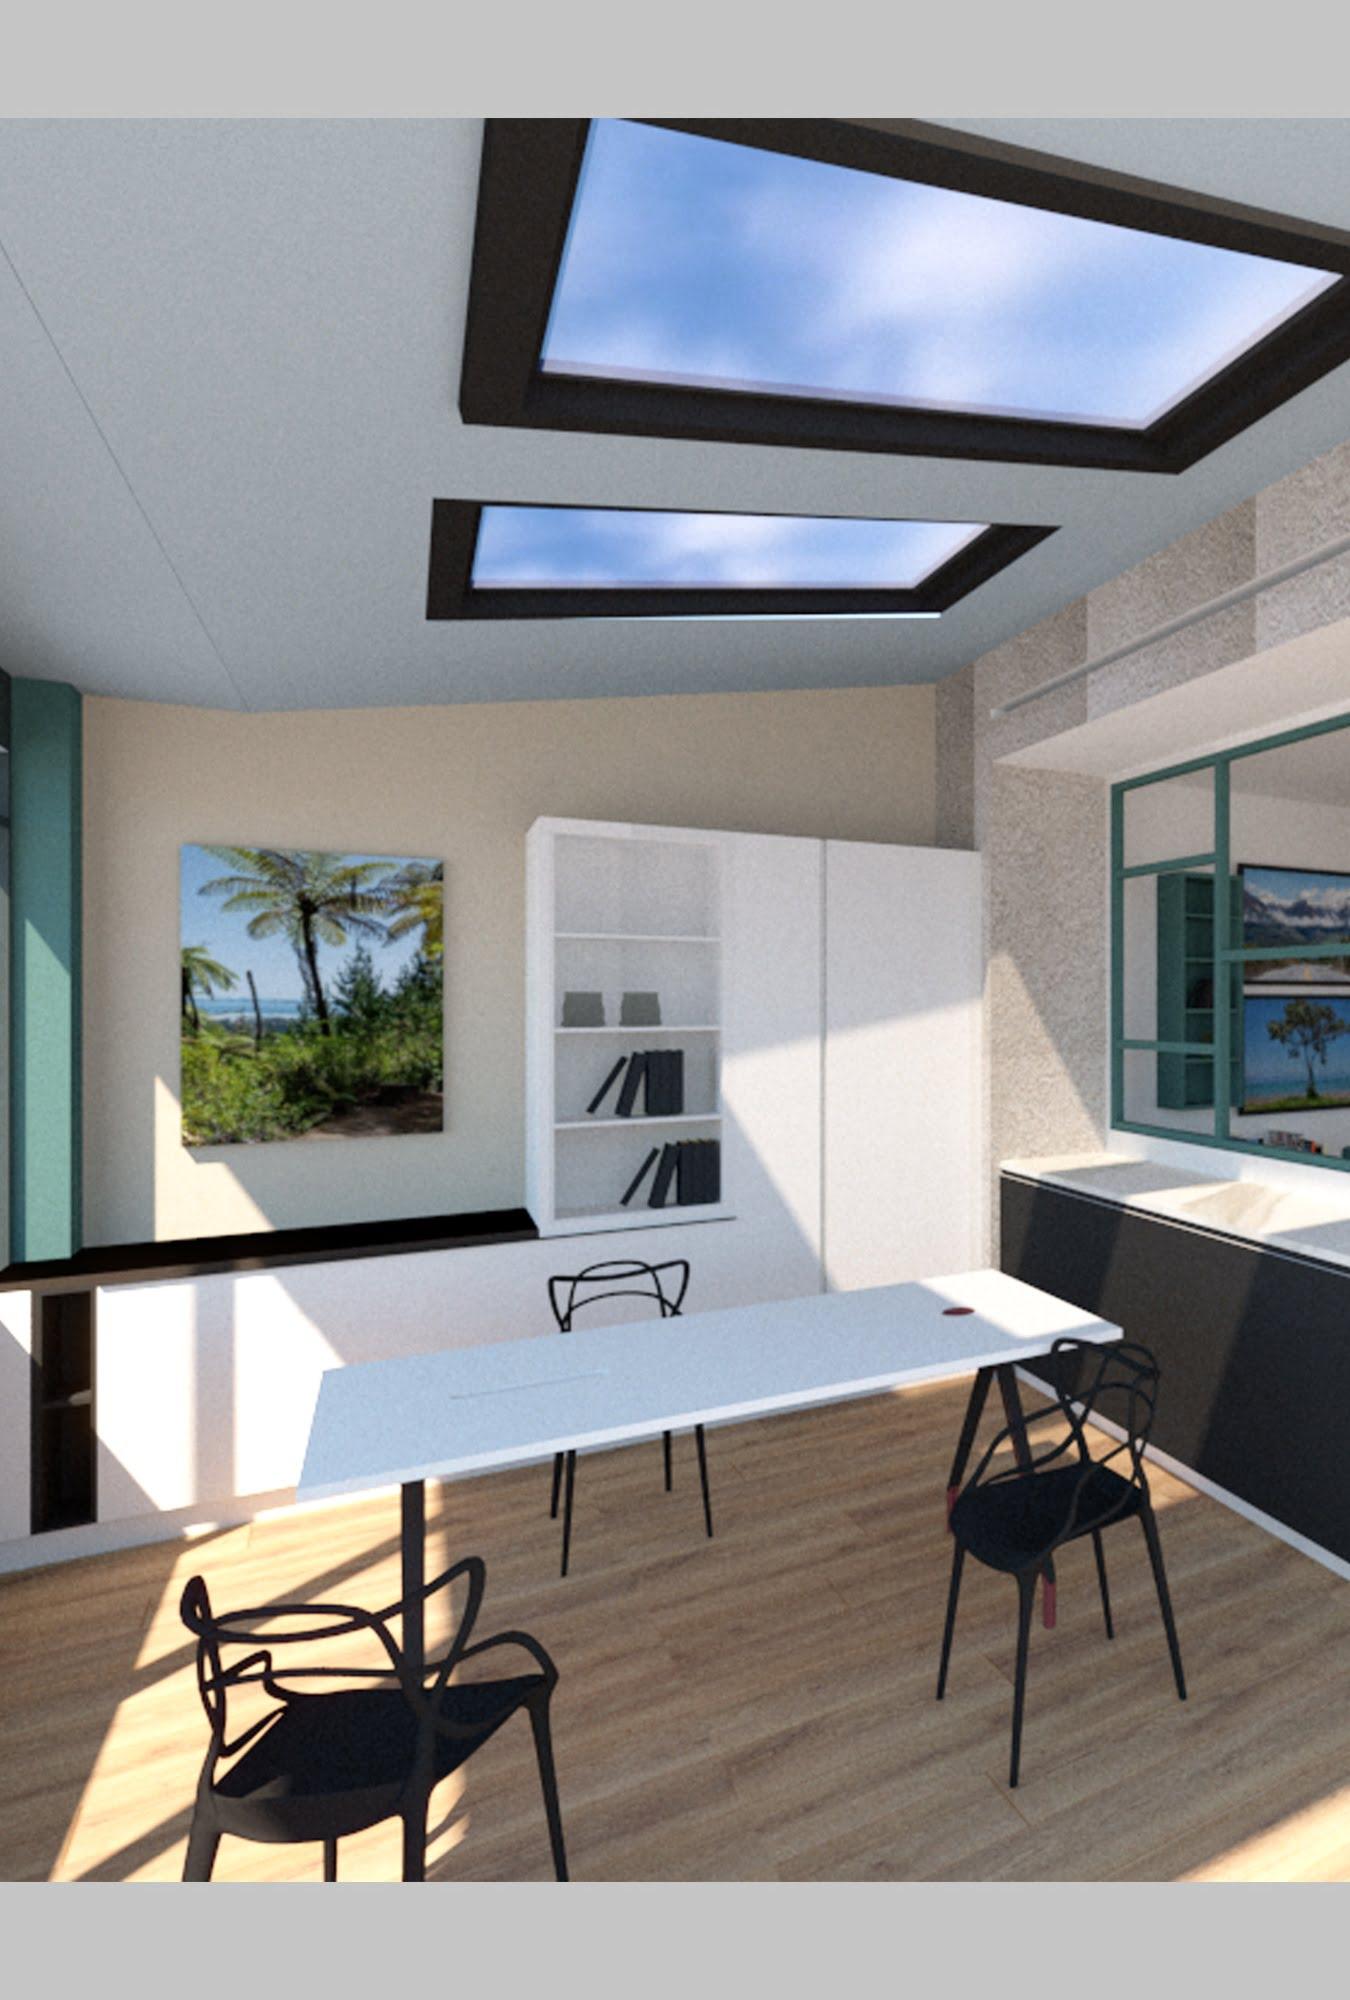 vue atelier 3D intérieur showroom ls studio architecte intérieur vannes